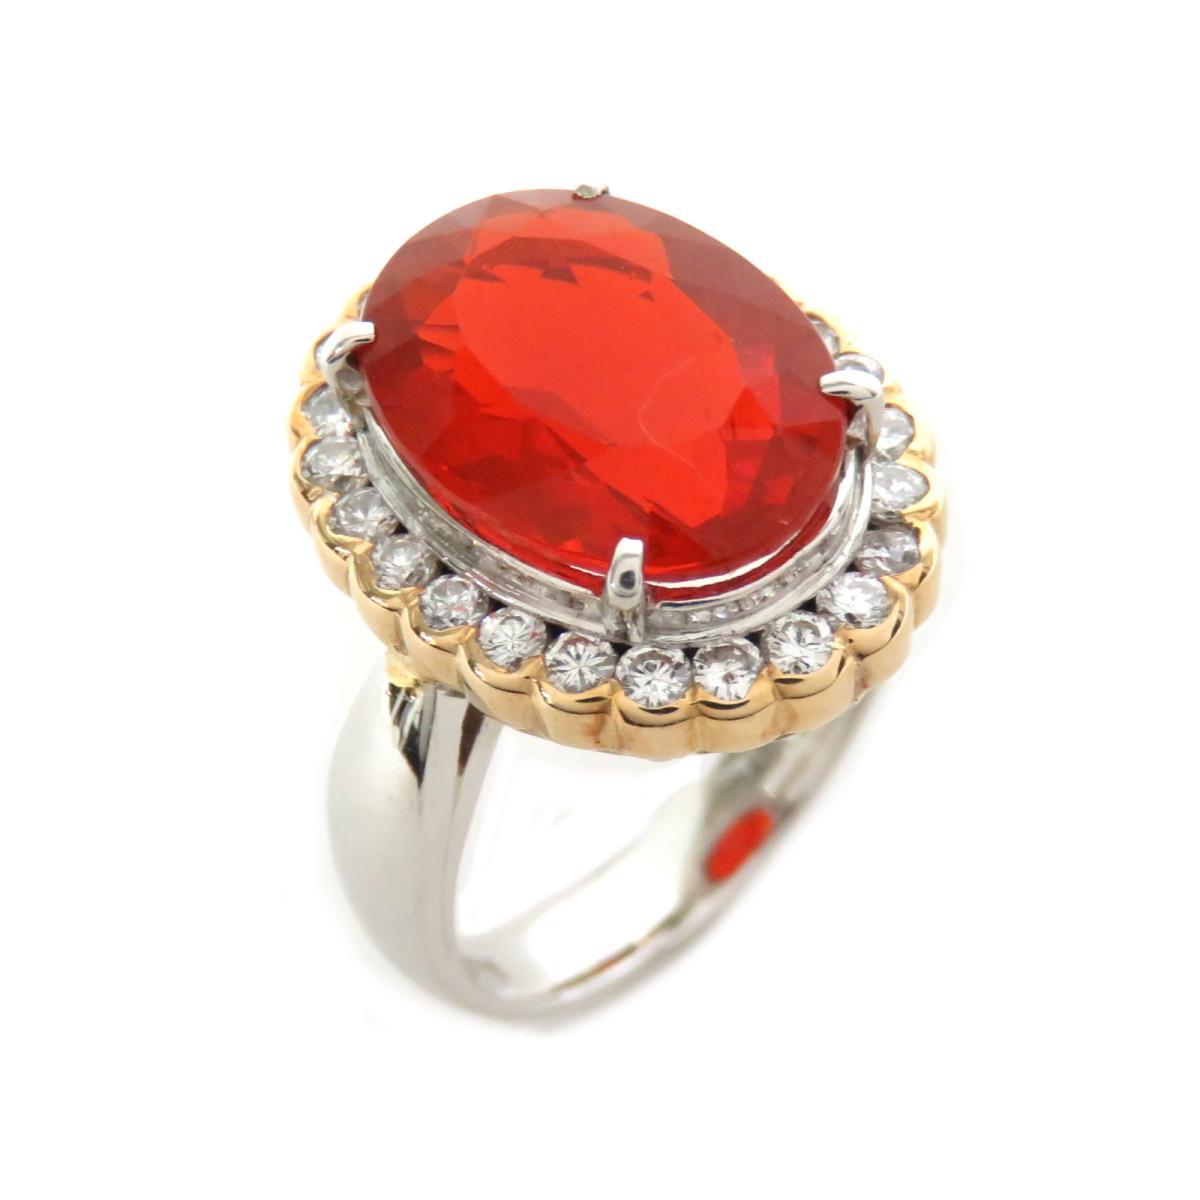 ジュエリー ファイヤーオパール ダイヤモンド リング 指輪 ノーブランドジュエリー レディース PT900 プラチナ | JEWELRY BRANDOFF ブランドオフ アクセサリー